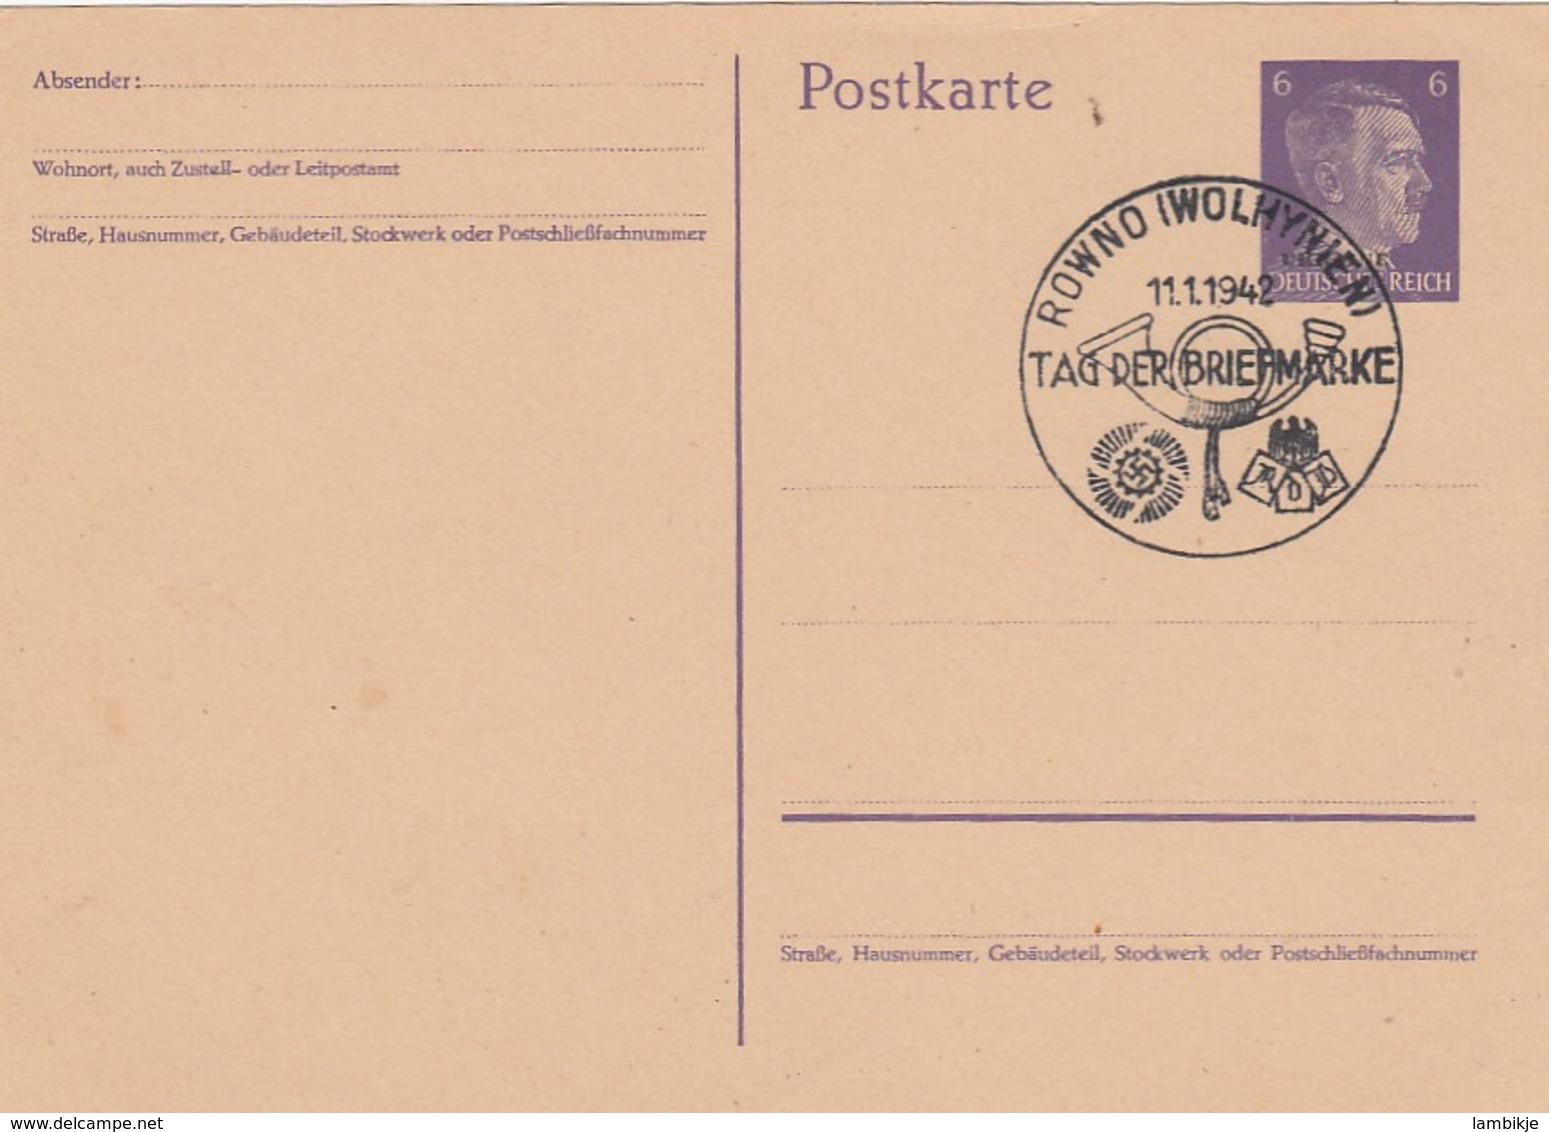 Deutsches Reich Ukraine Postkarte P2 1942 - Besetzungen 1938-45